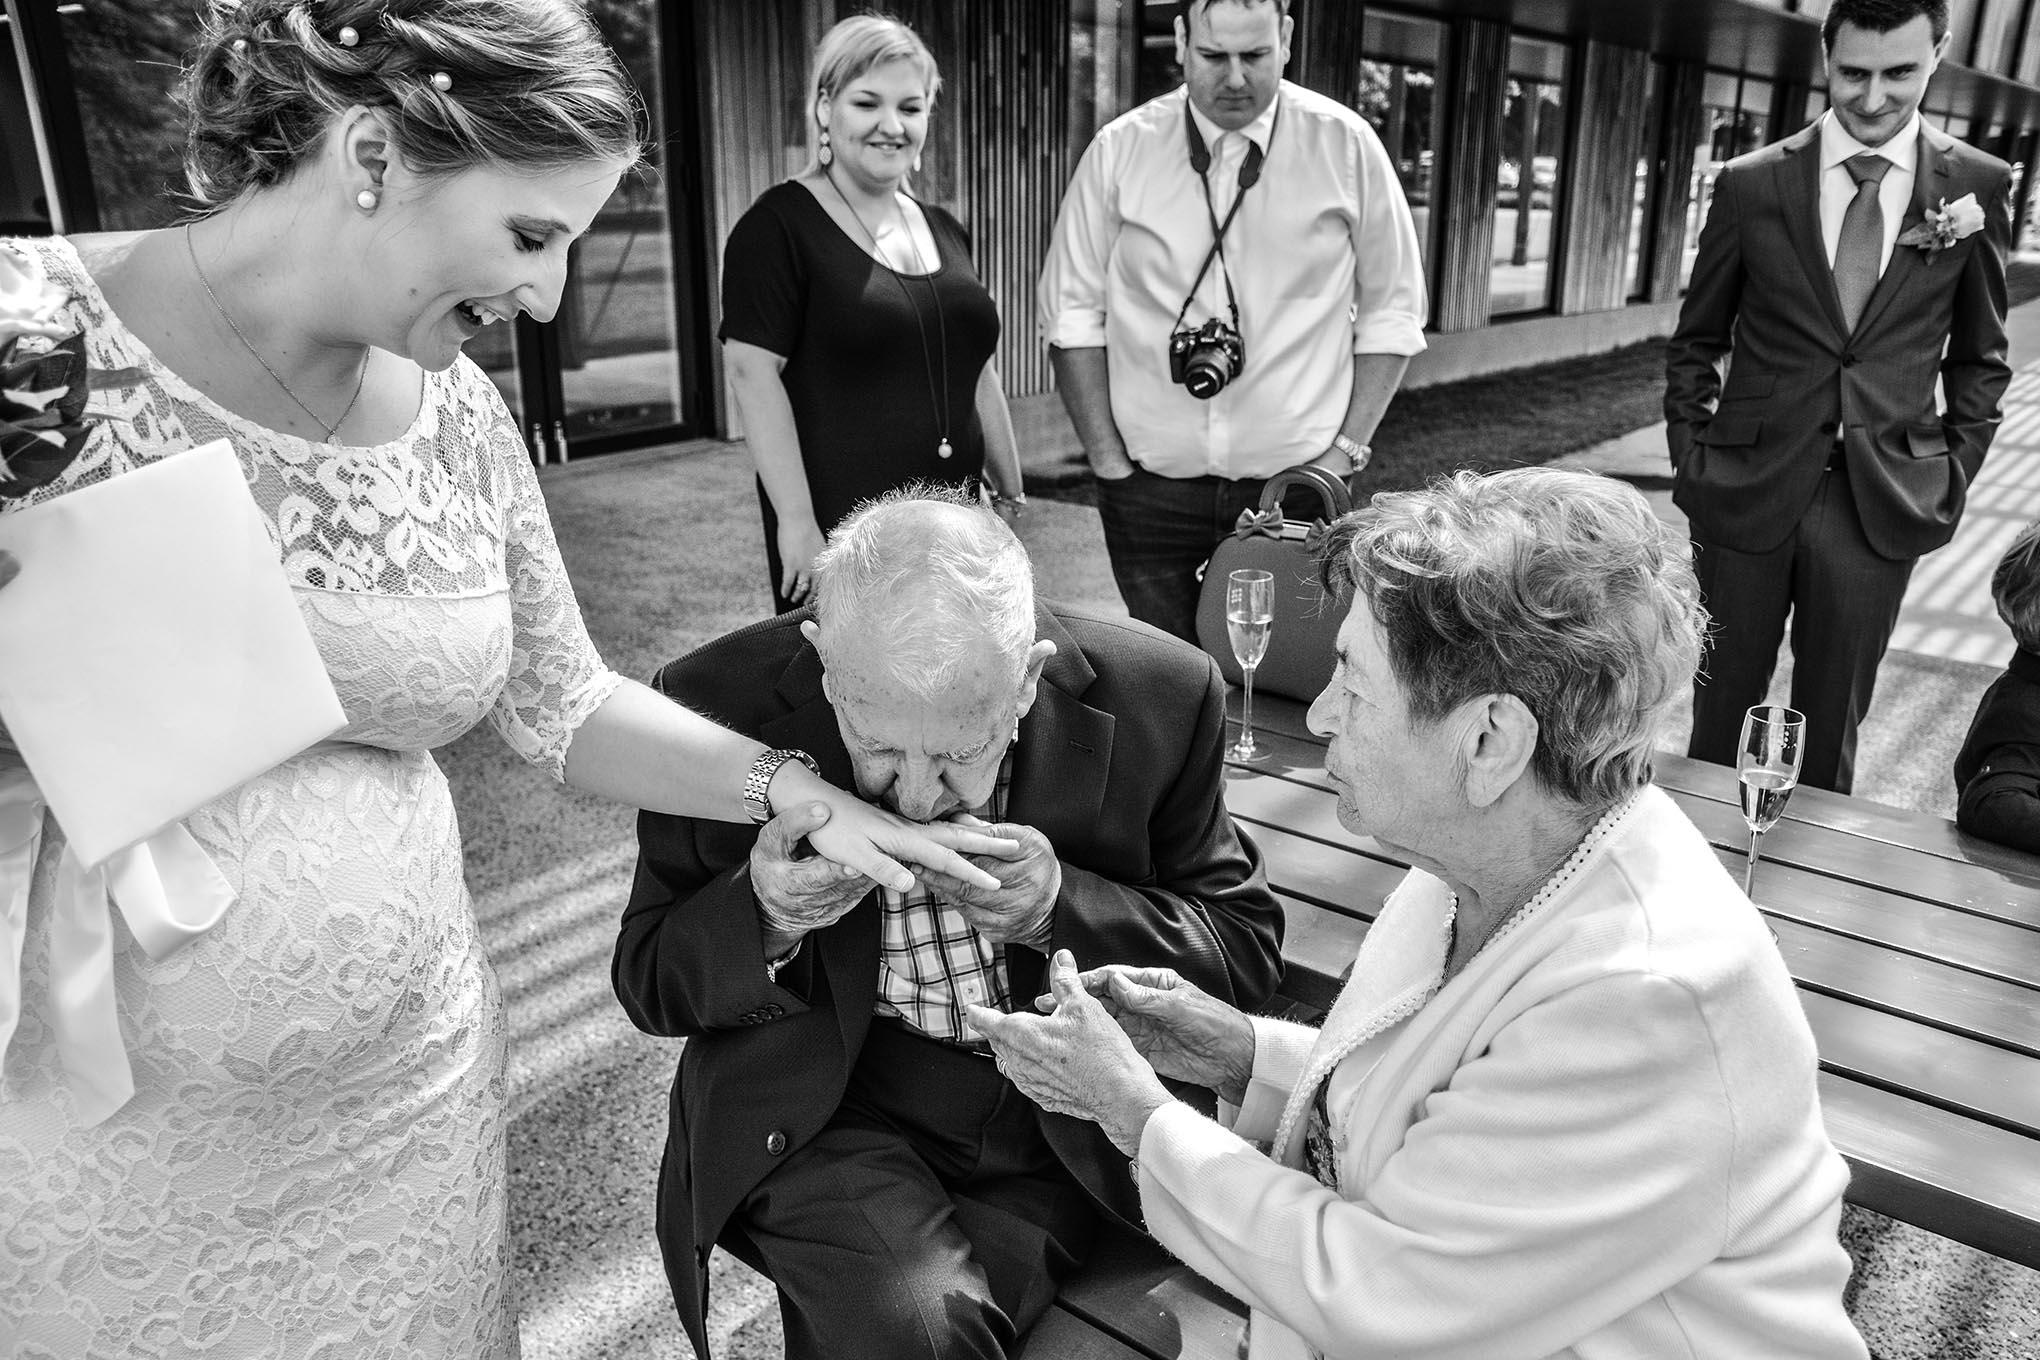 Grootvader kust de ring van de bruid op haar trouwdag, terwijl de grootmoeder haar hand vast houdt.